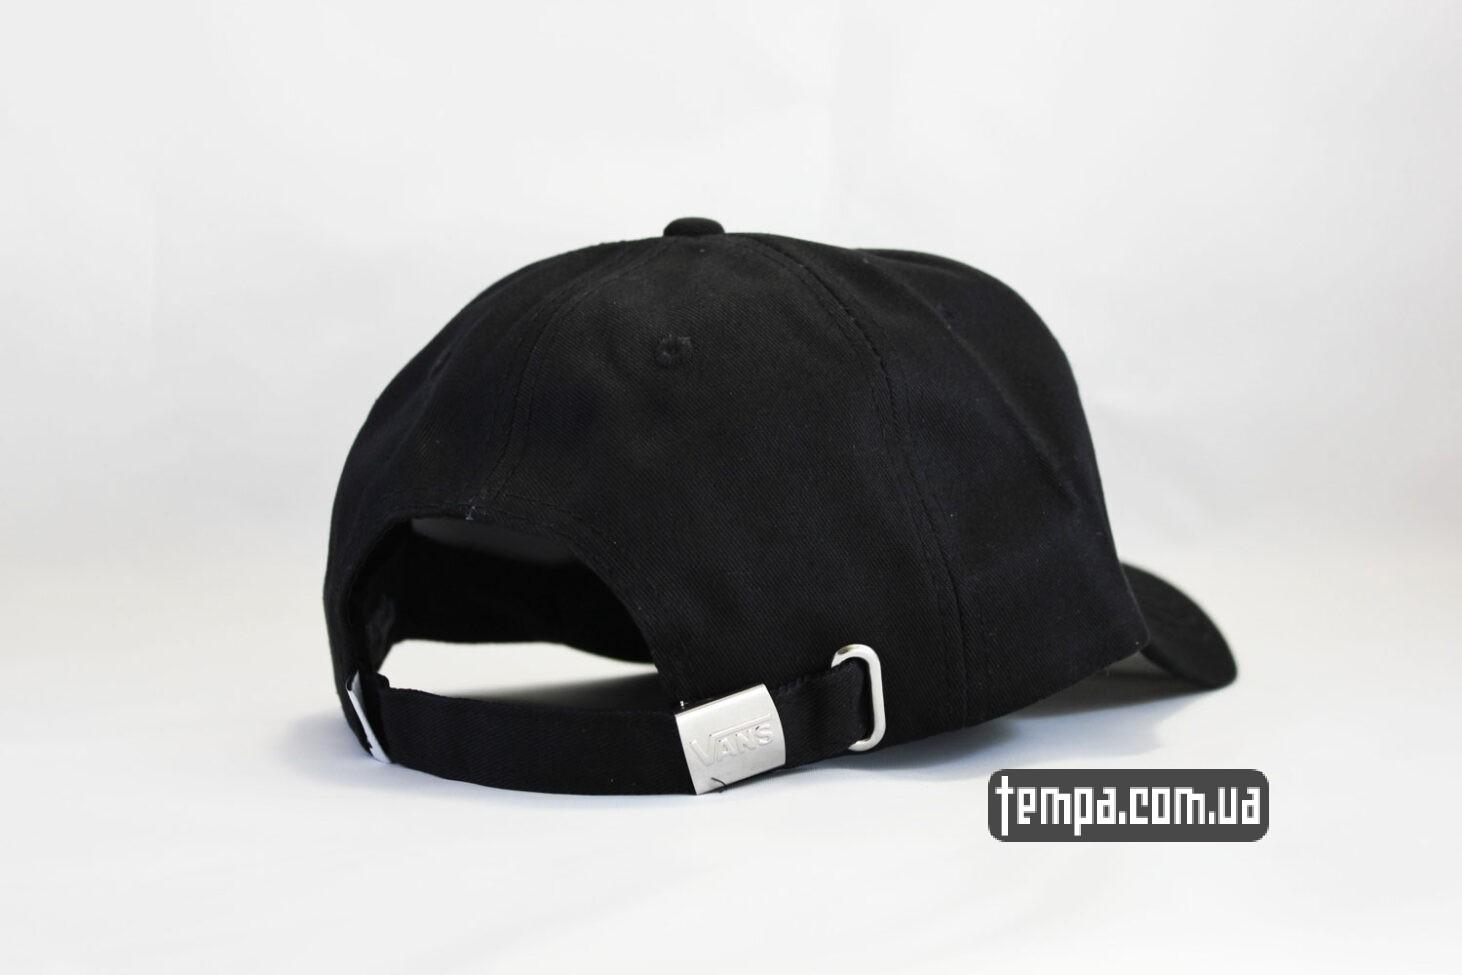 Украина Купить кепка VANS черная бейсболка с Фиолетовым логотипом